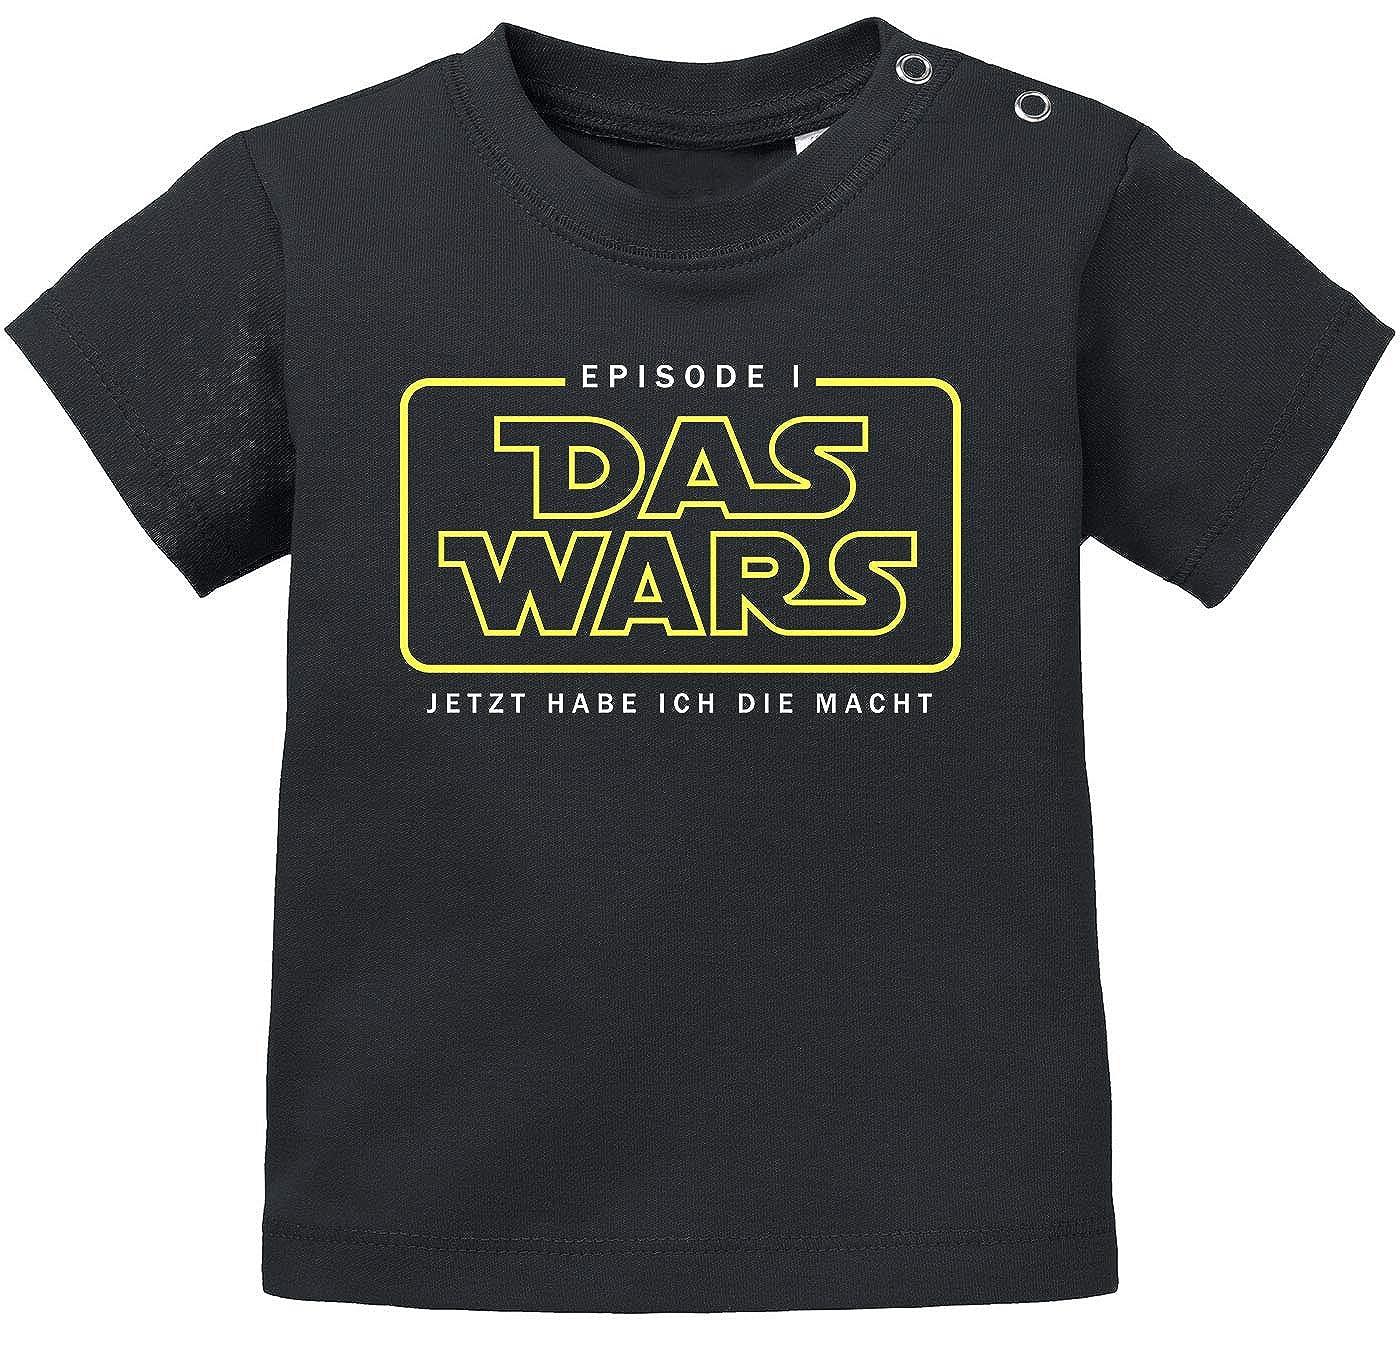 MoonWorks/® Baby T-Shirt Kurzarm Babyshirt Das Wars ab jetzt hab ich die Macht Episode 1 Jungen M/ädchen Shirt